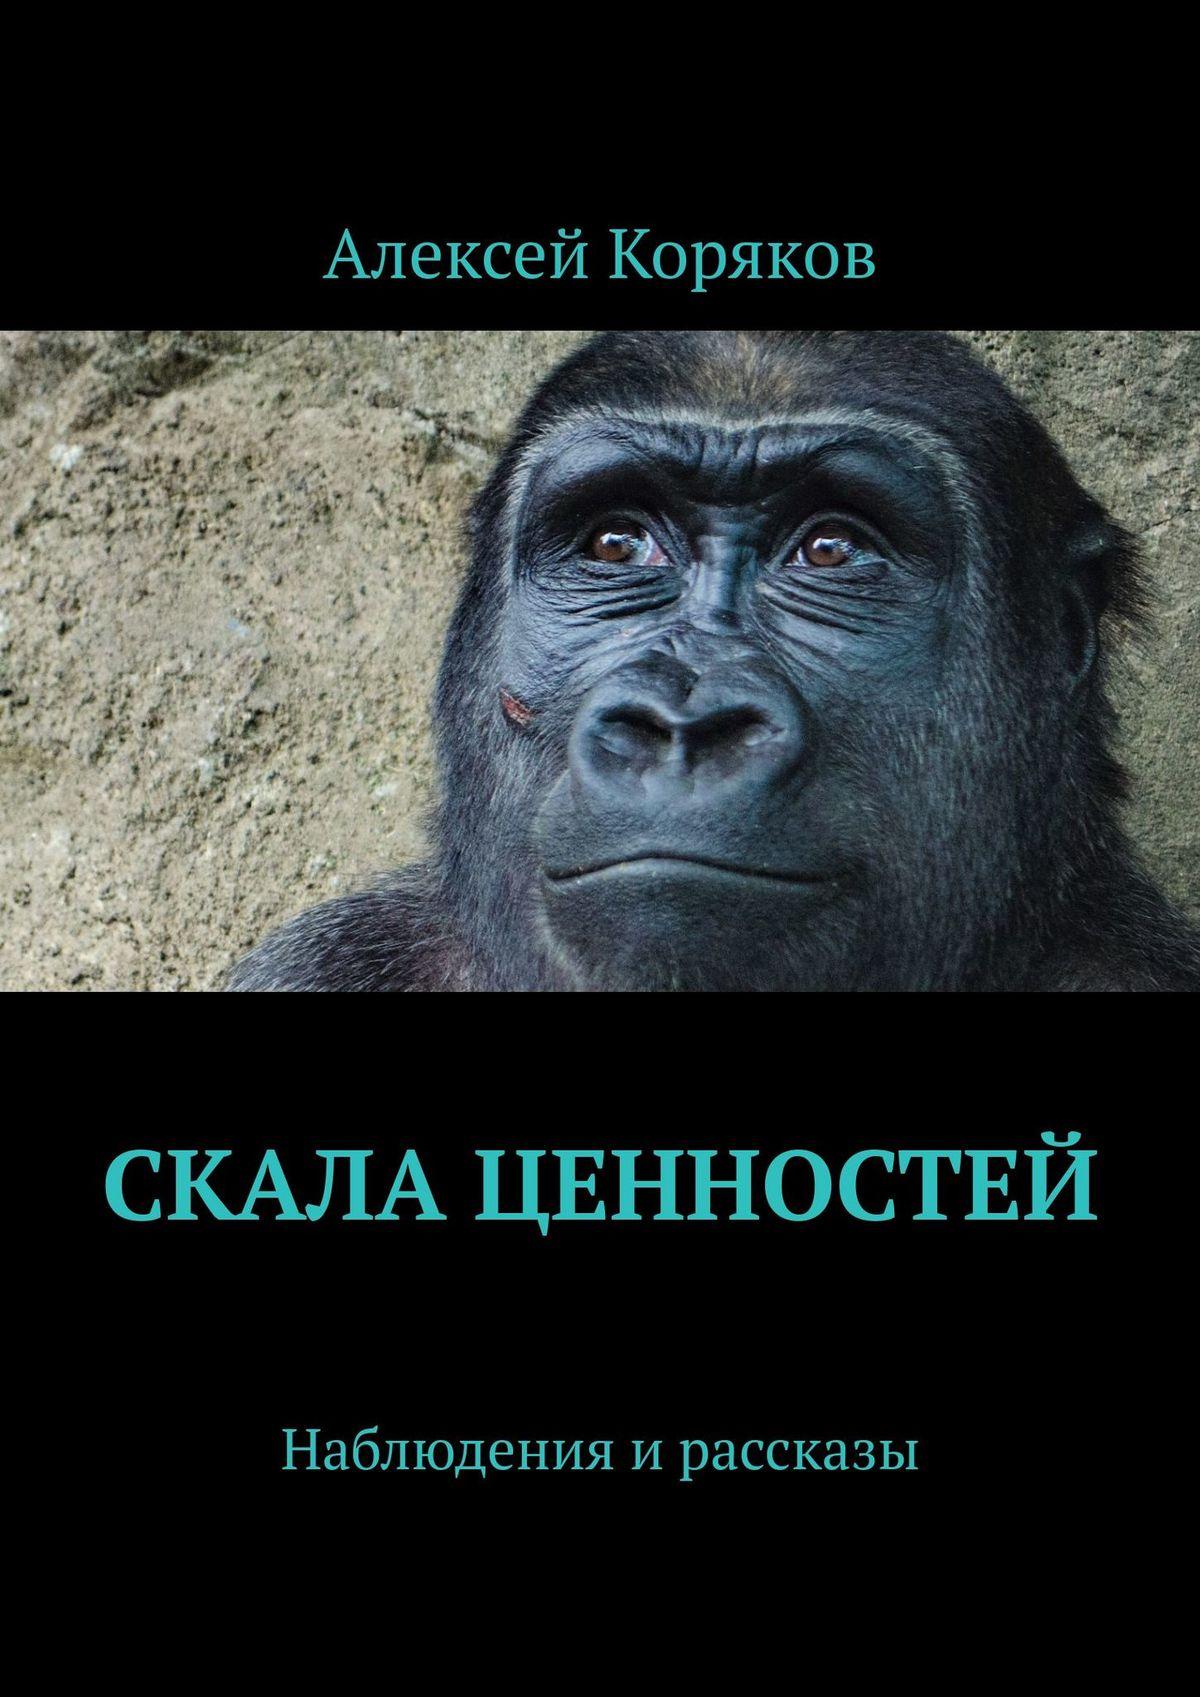 Алексей Коряков Скала ценностей. Наблюдения ирассказы